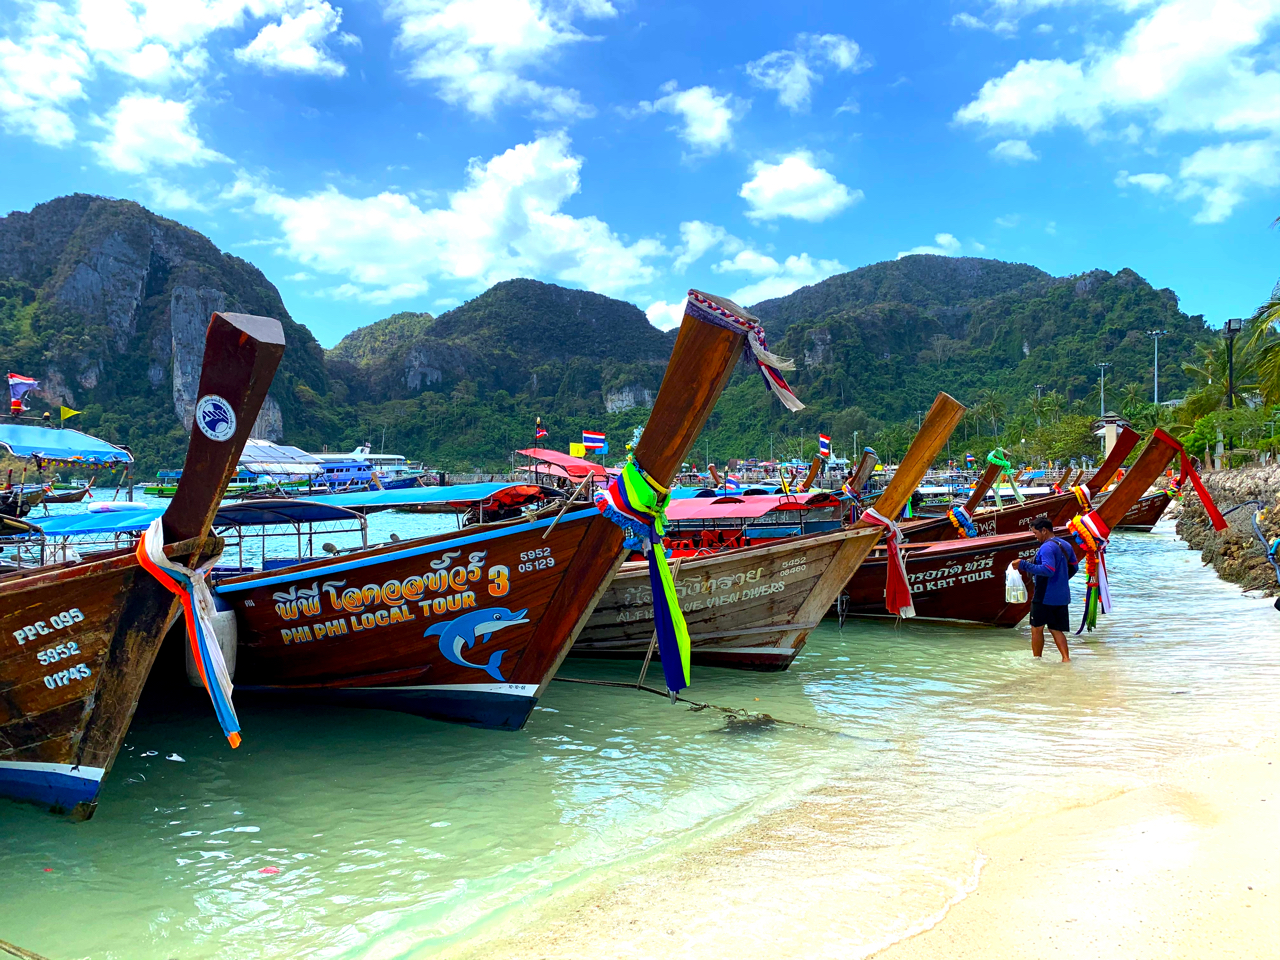 日本のガイドブックには載ってない!?タイのリゾート・ピピ島の魅力